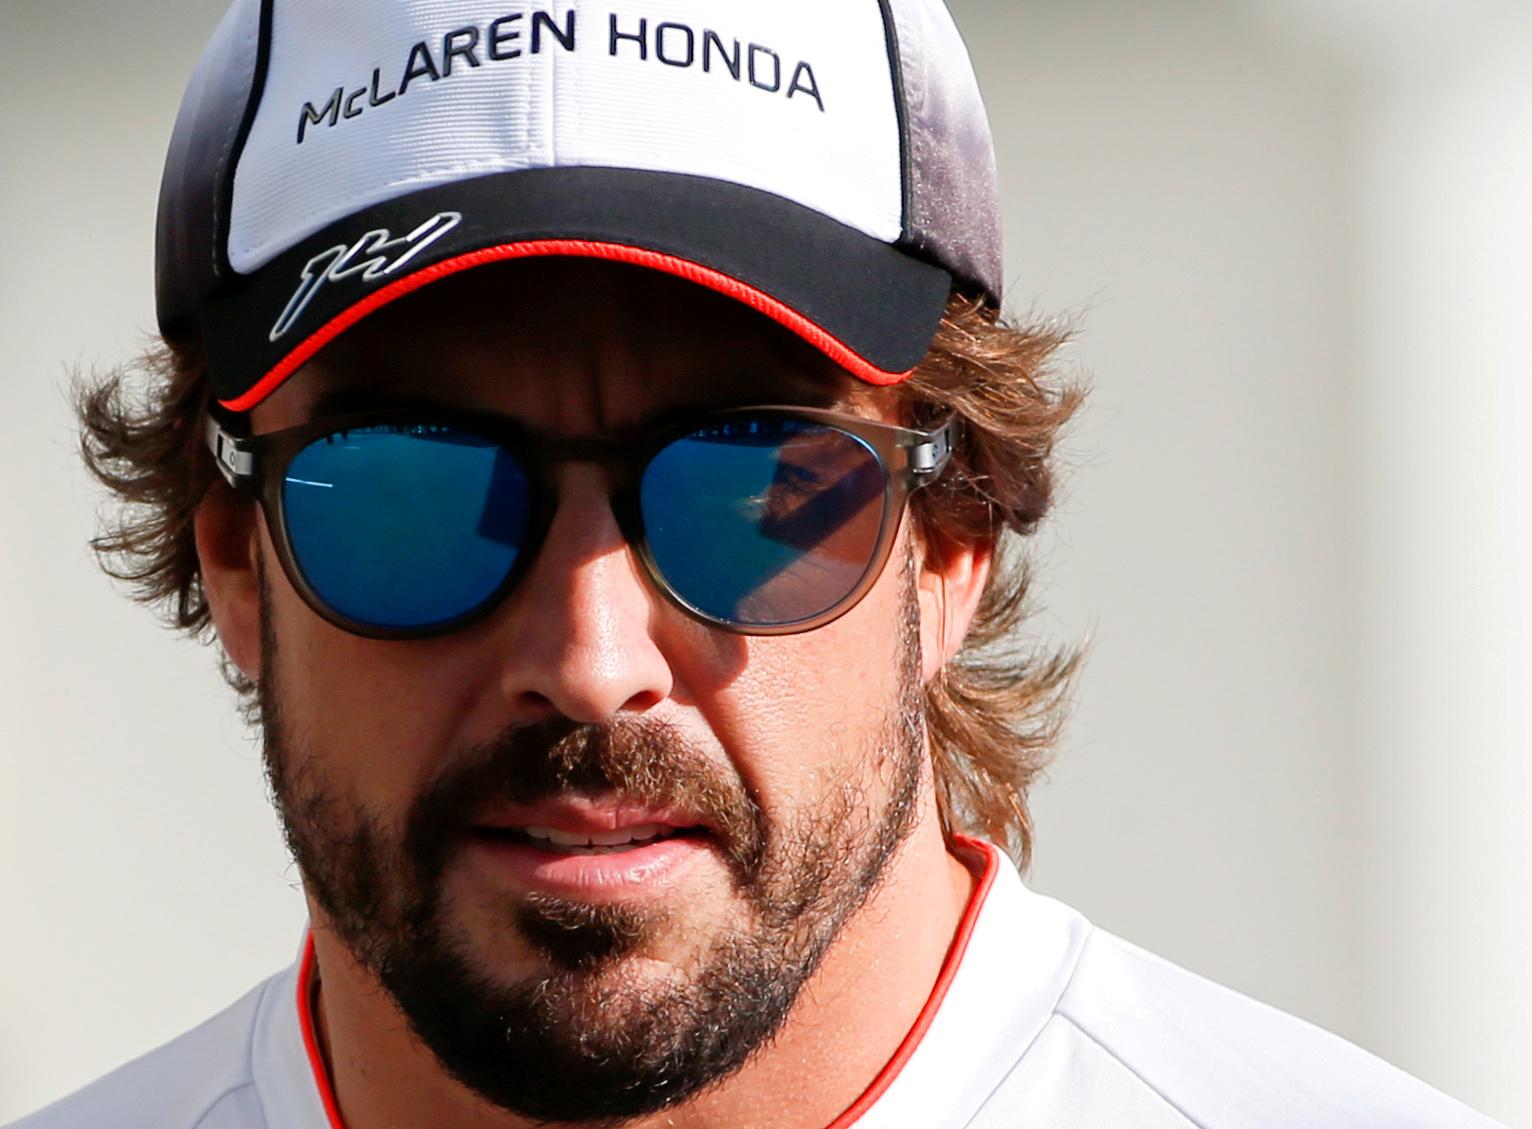 Jacques Villeneuve Critics Of Fernando Alonso Indy 500